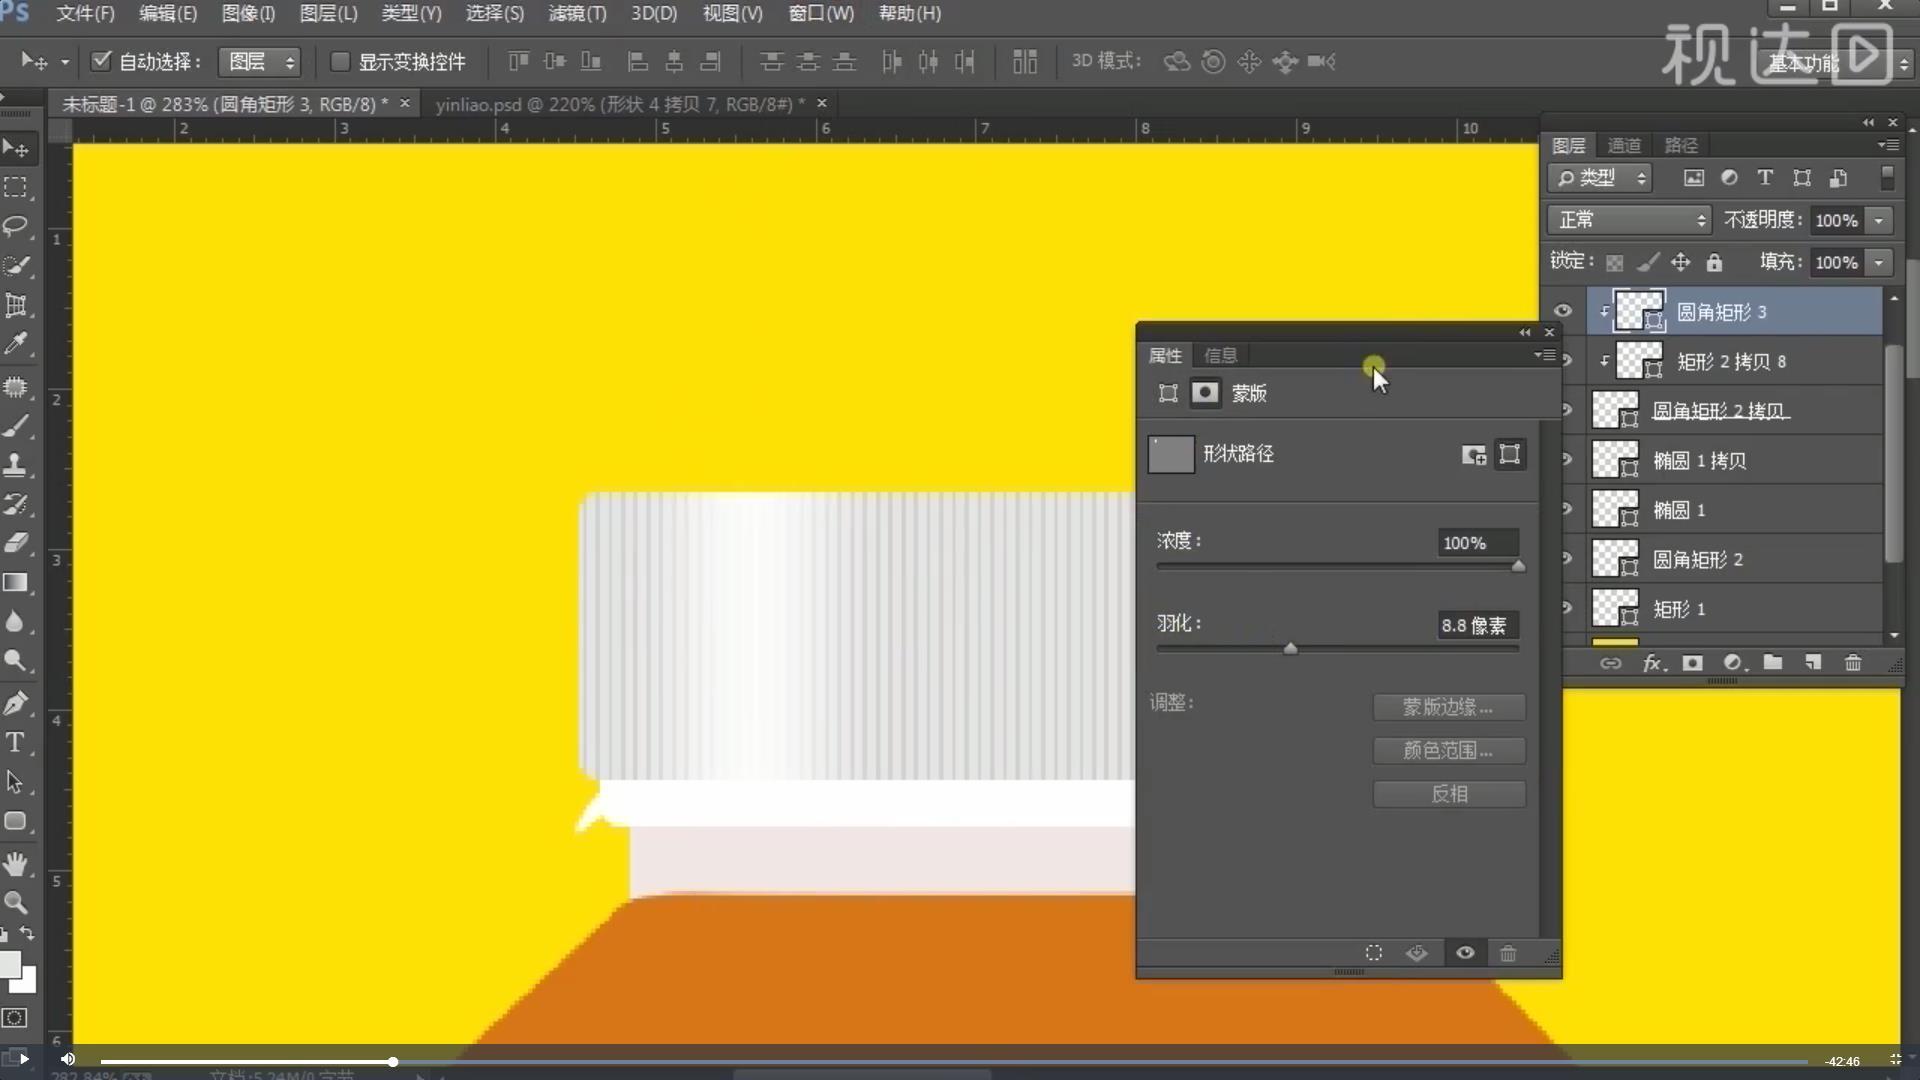 5.新建圆角矩形,填充白色,剪贴蒙版,调整羽化值、不透明度;复制图层,摆放到适当位置;.jpg